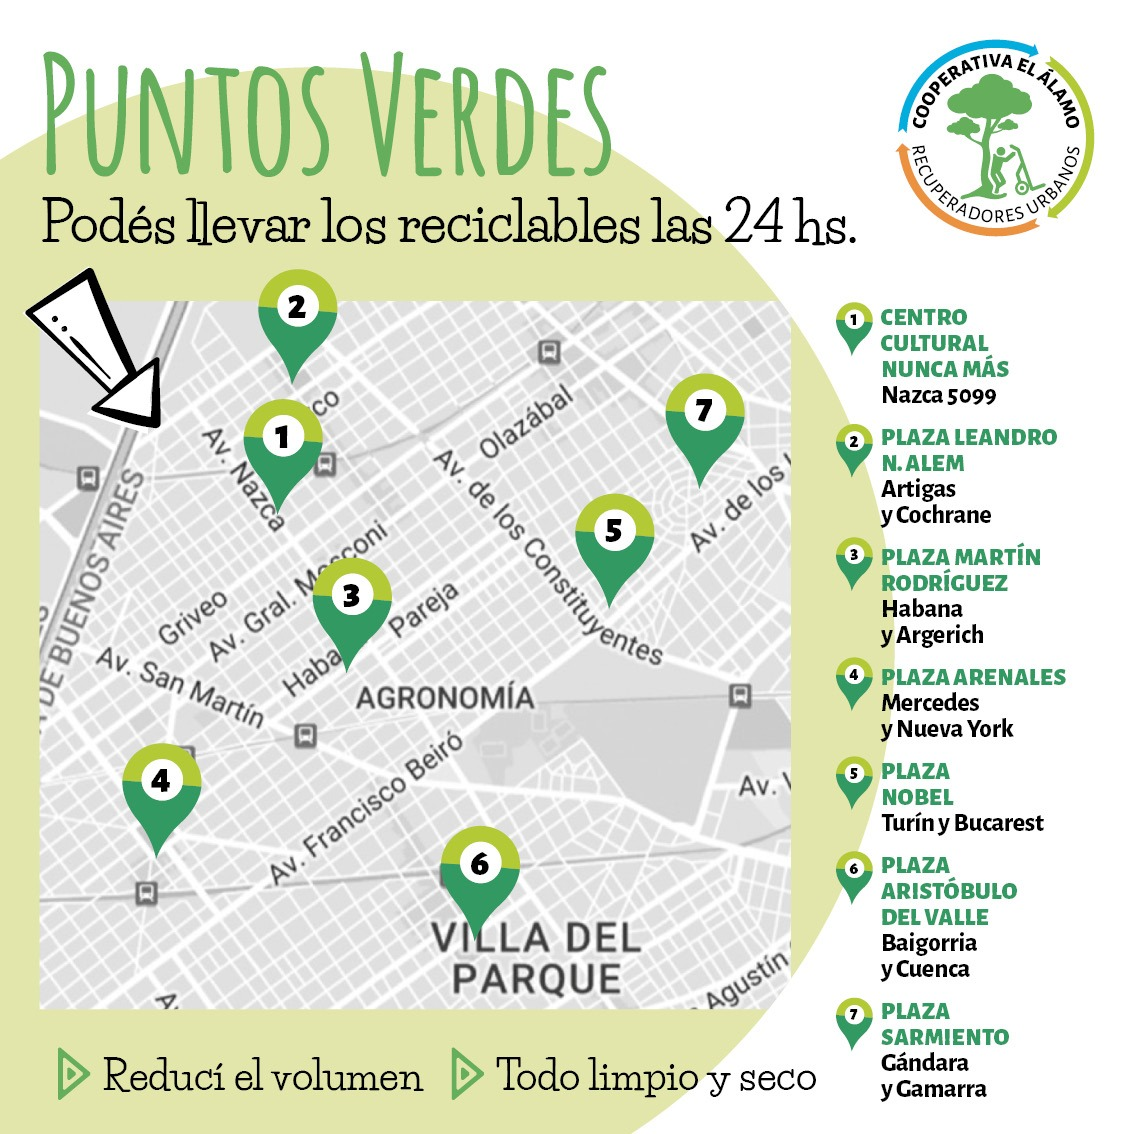 puntos verdes de la ciudad